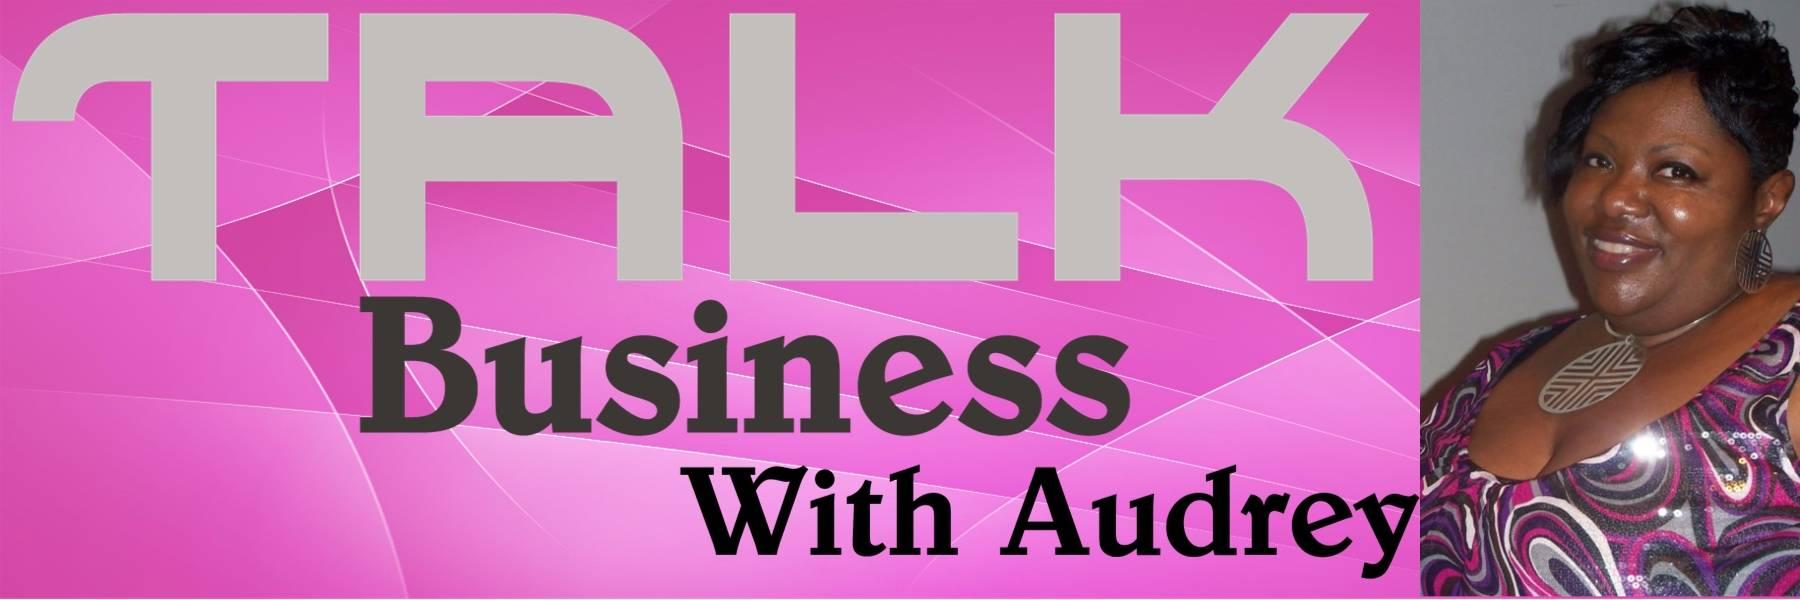 Profiling Business Owners & Entrepreneurs On HerTube TV